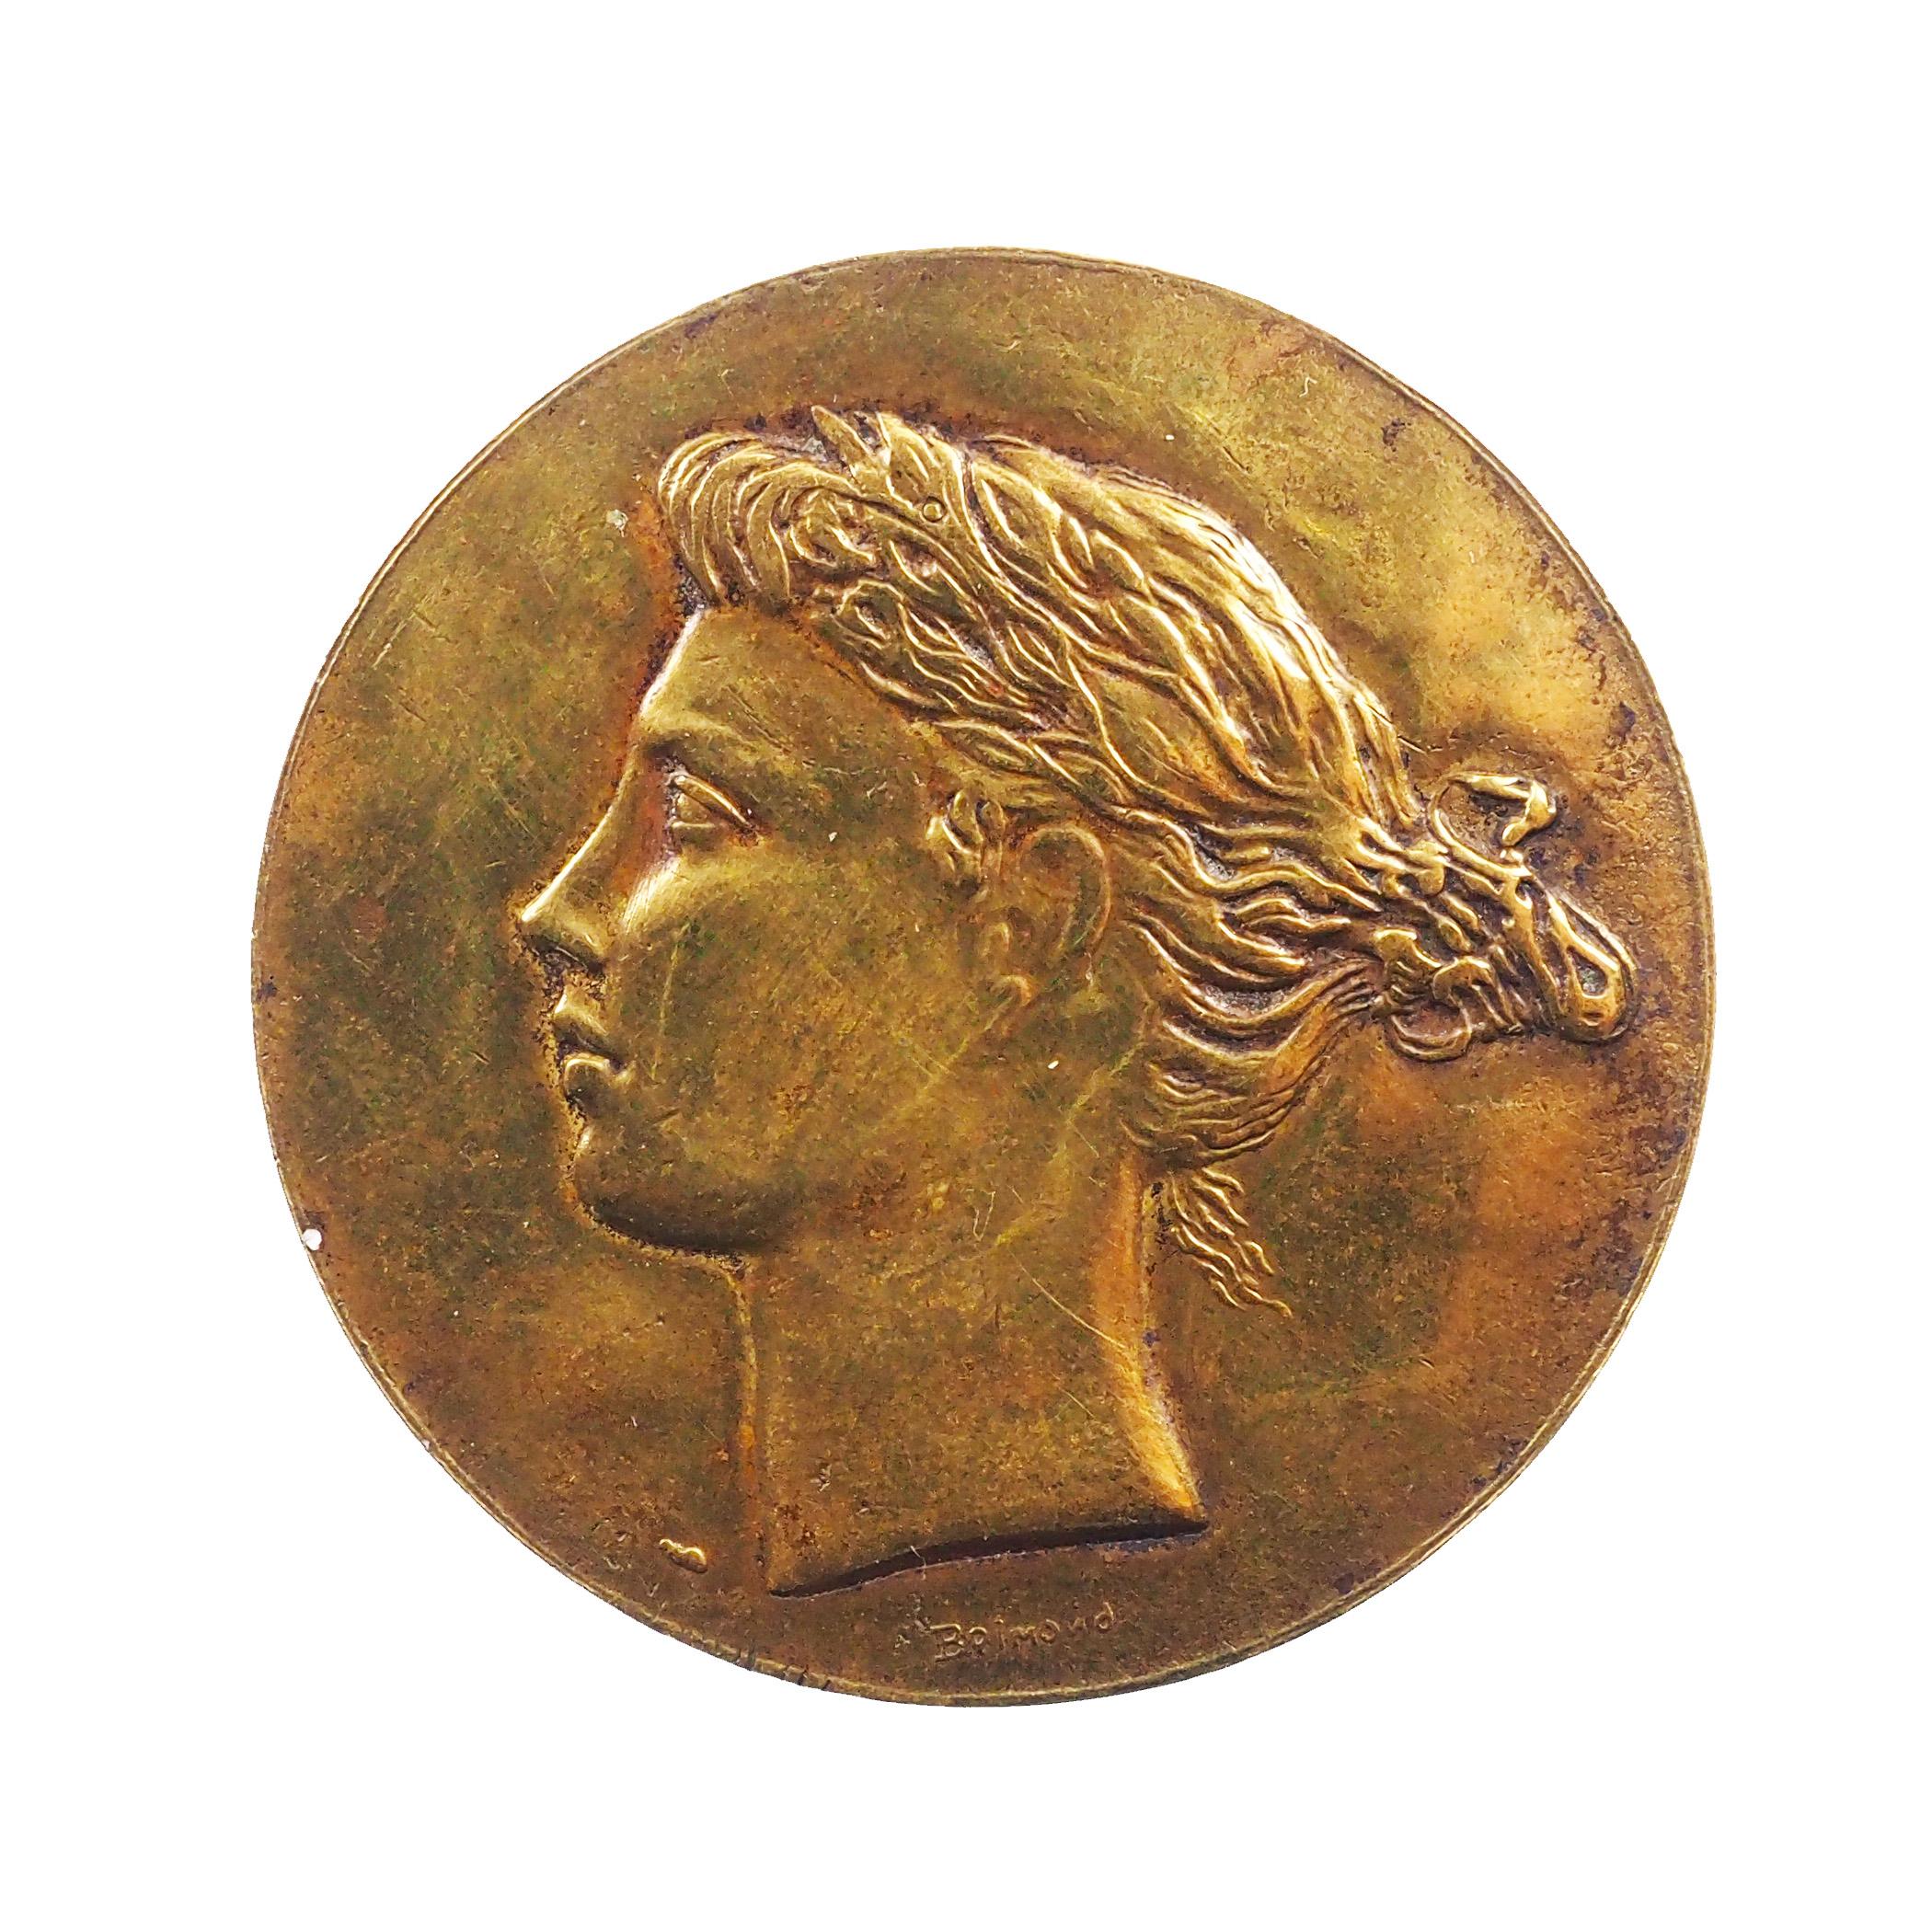 France, Médaille, Alliance Française, Par Belmondo, Bronze, SUP